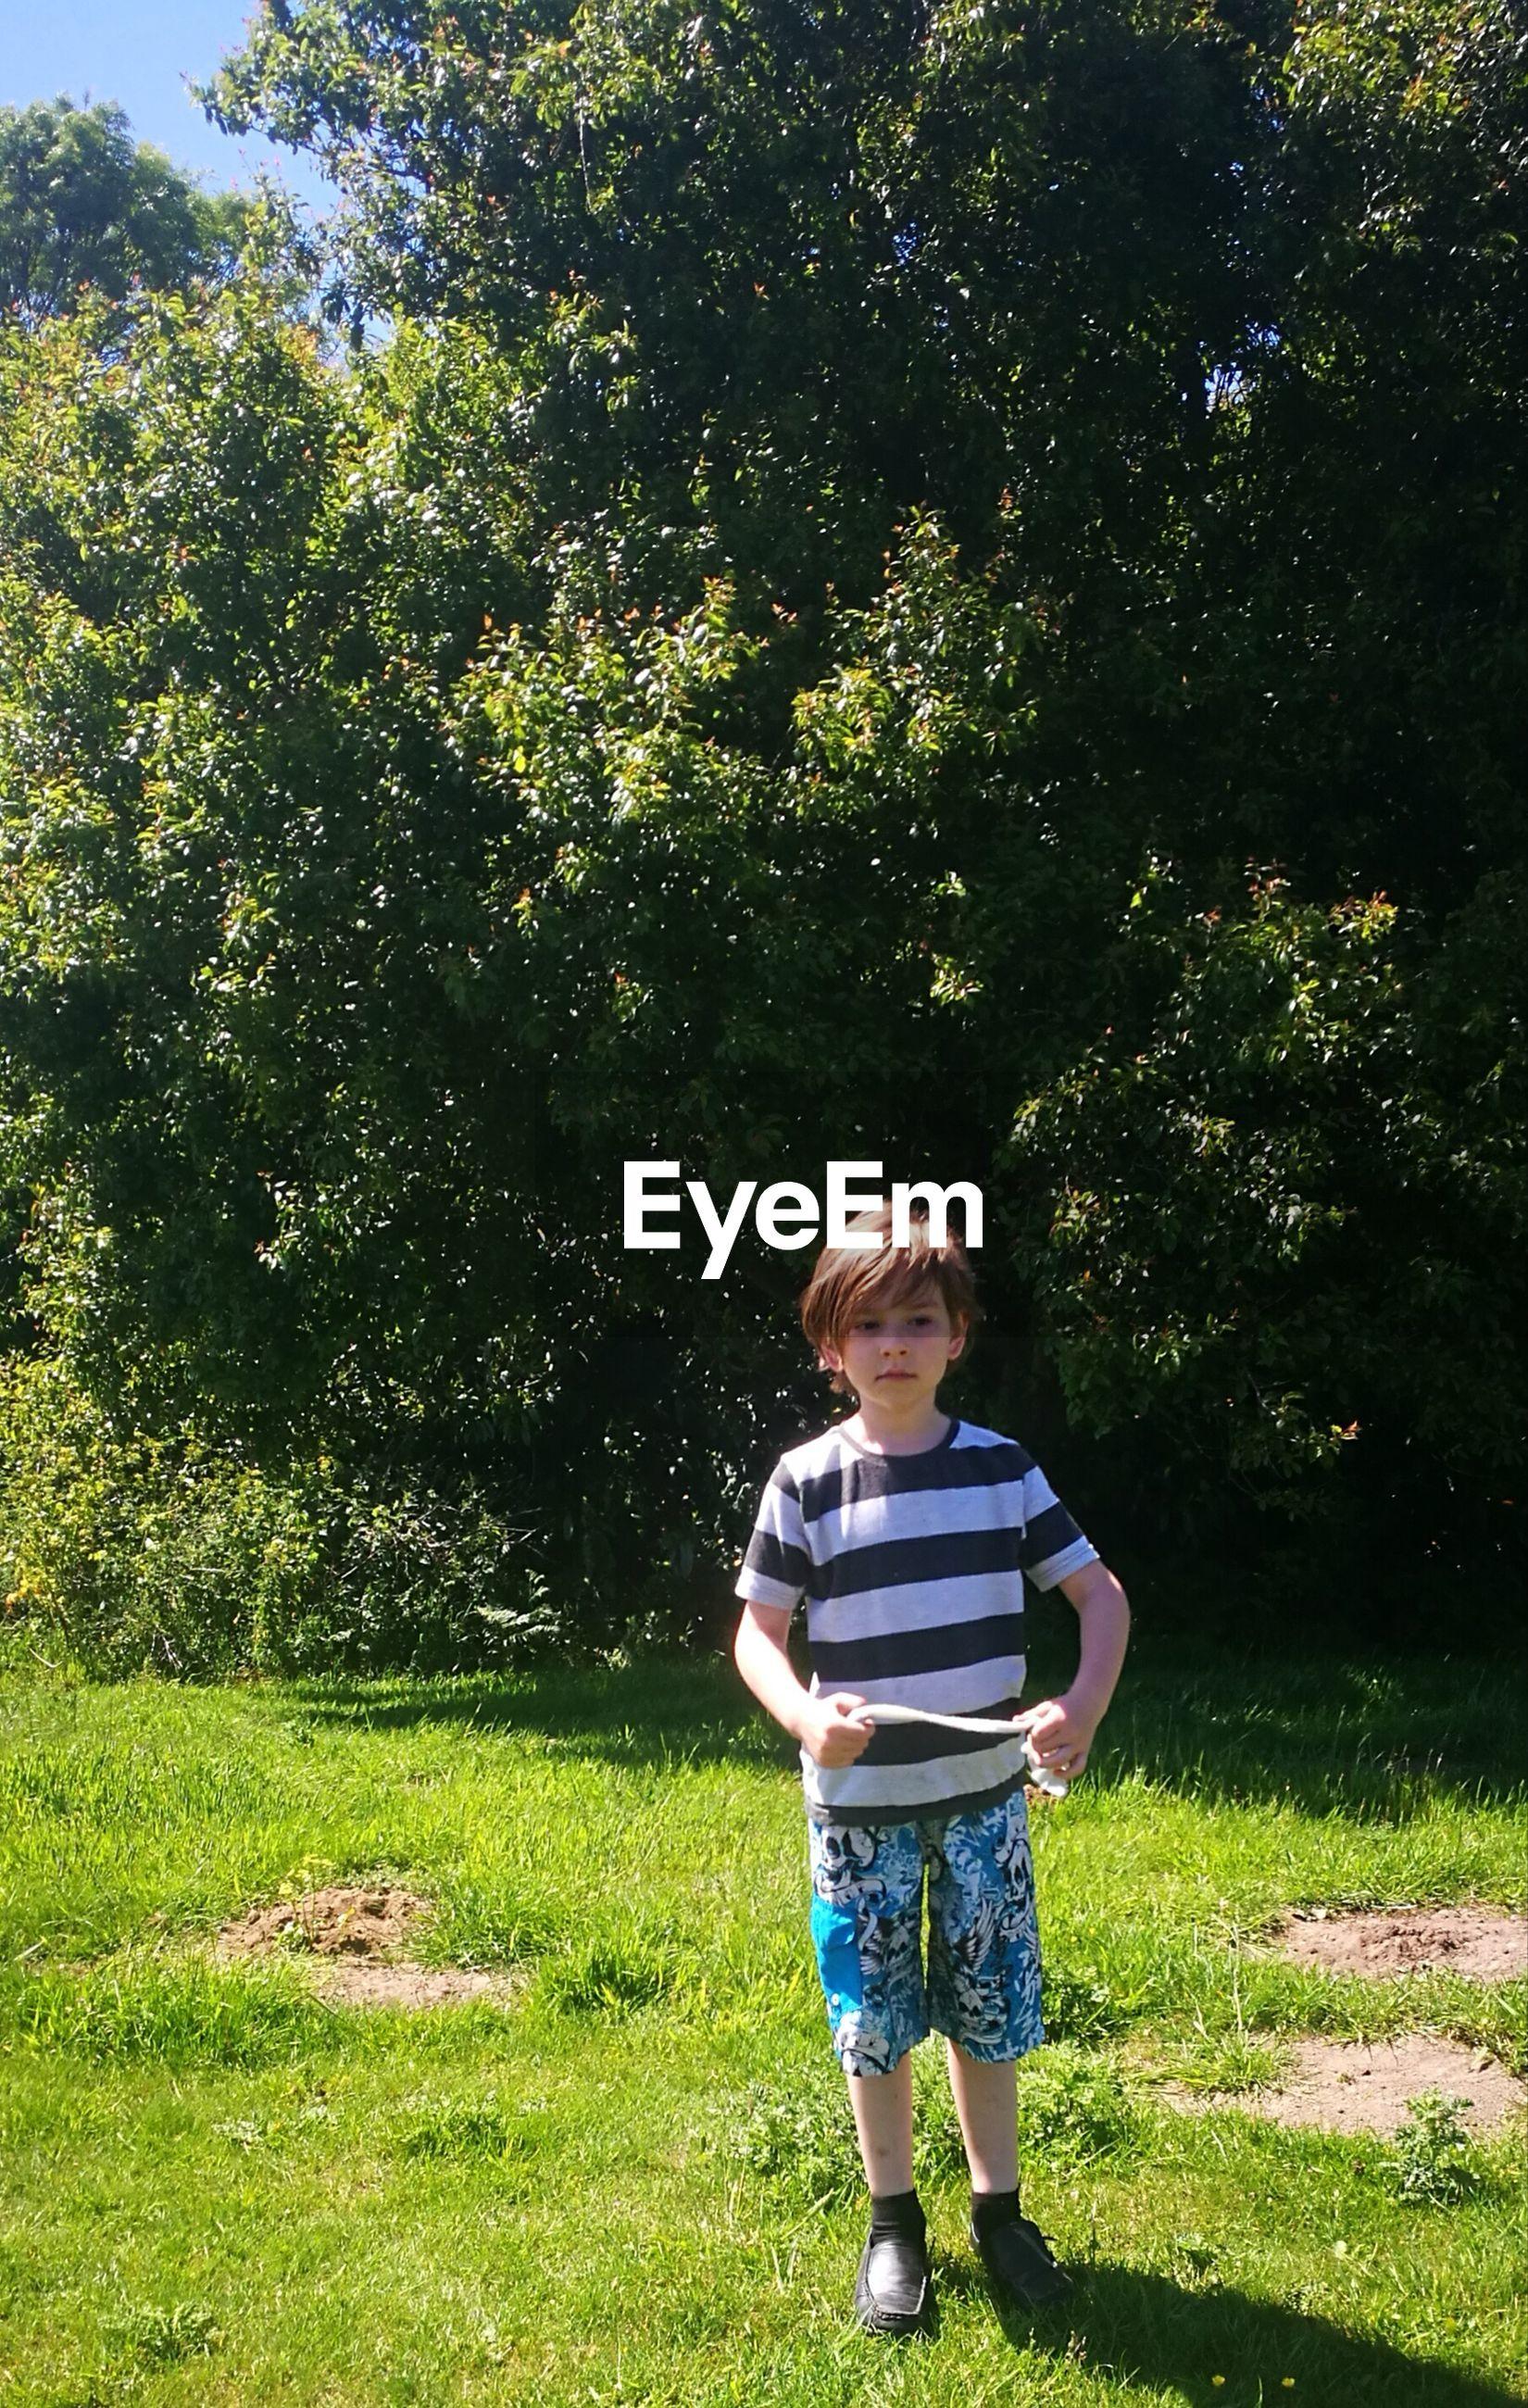 Full length of boy standing on grassy field against trees